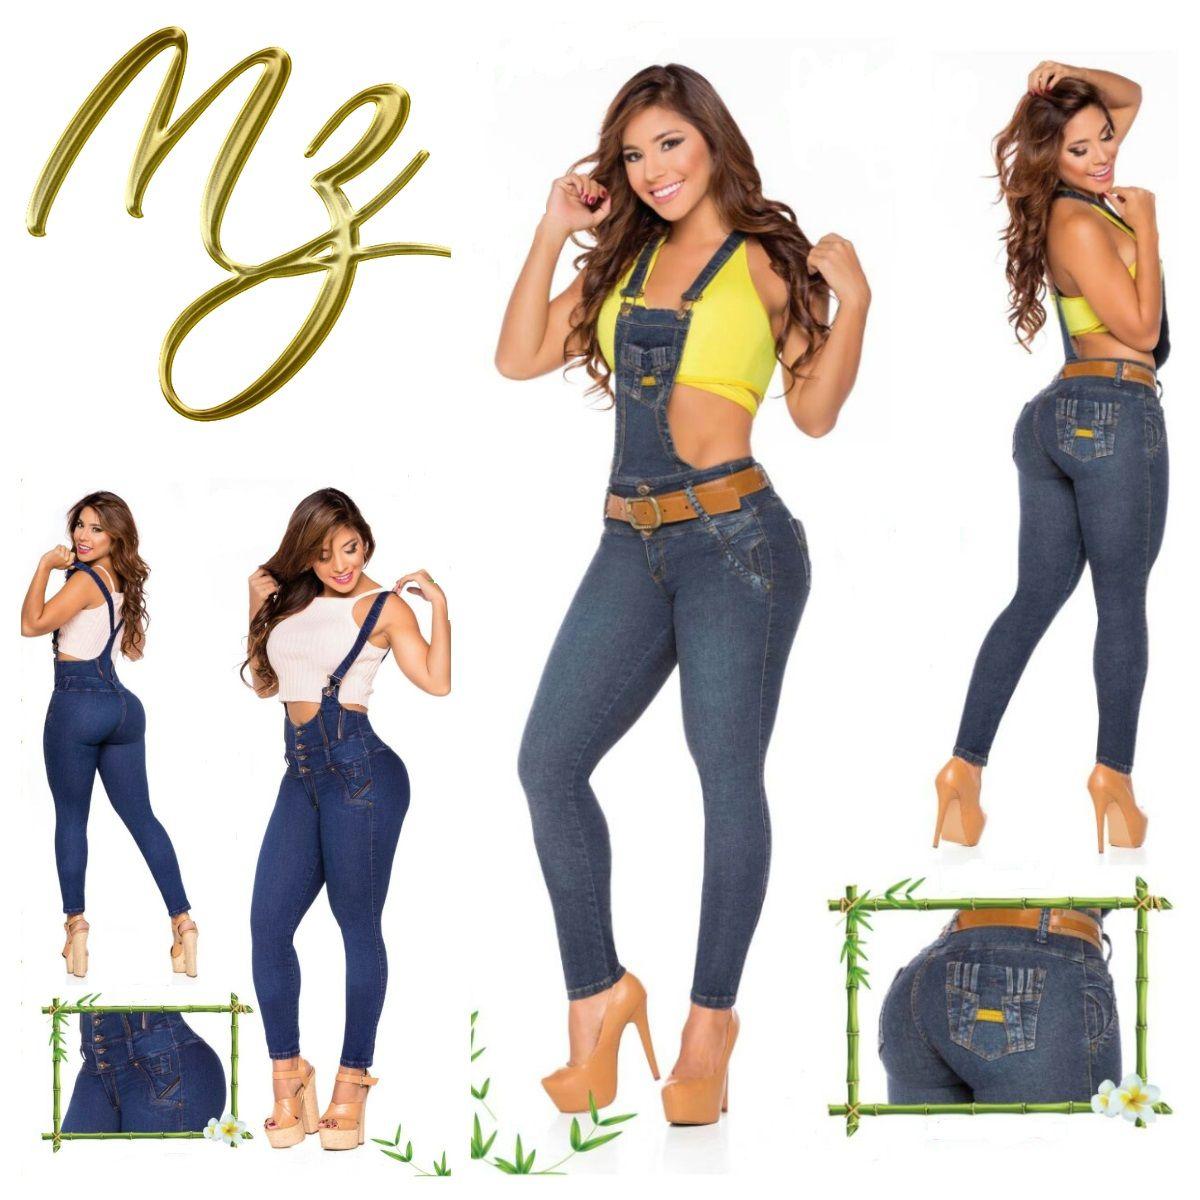 a6a9807600ed Tienda Mostaza ofrece los mejores Jeans Levanta-cola 100 ...